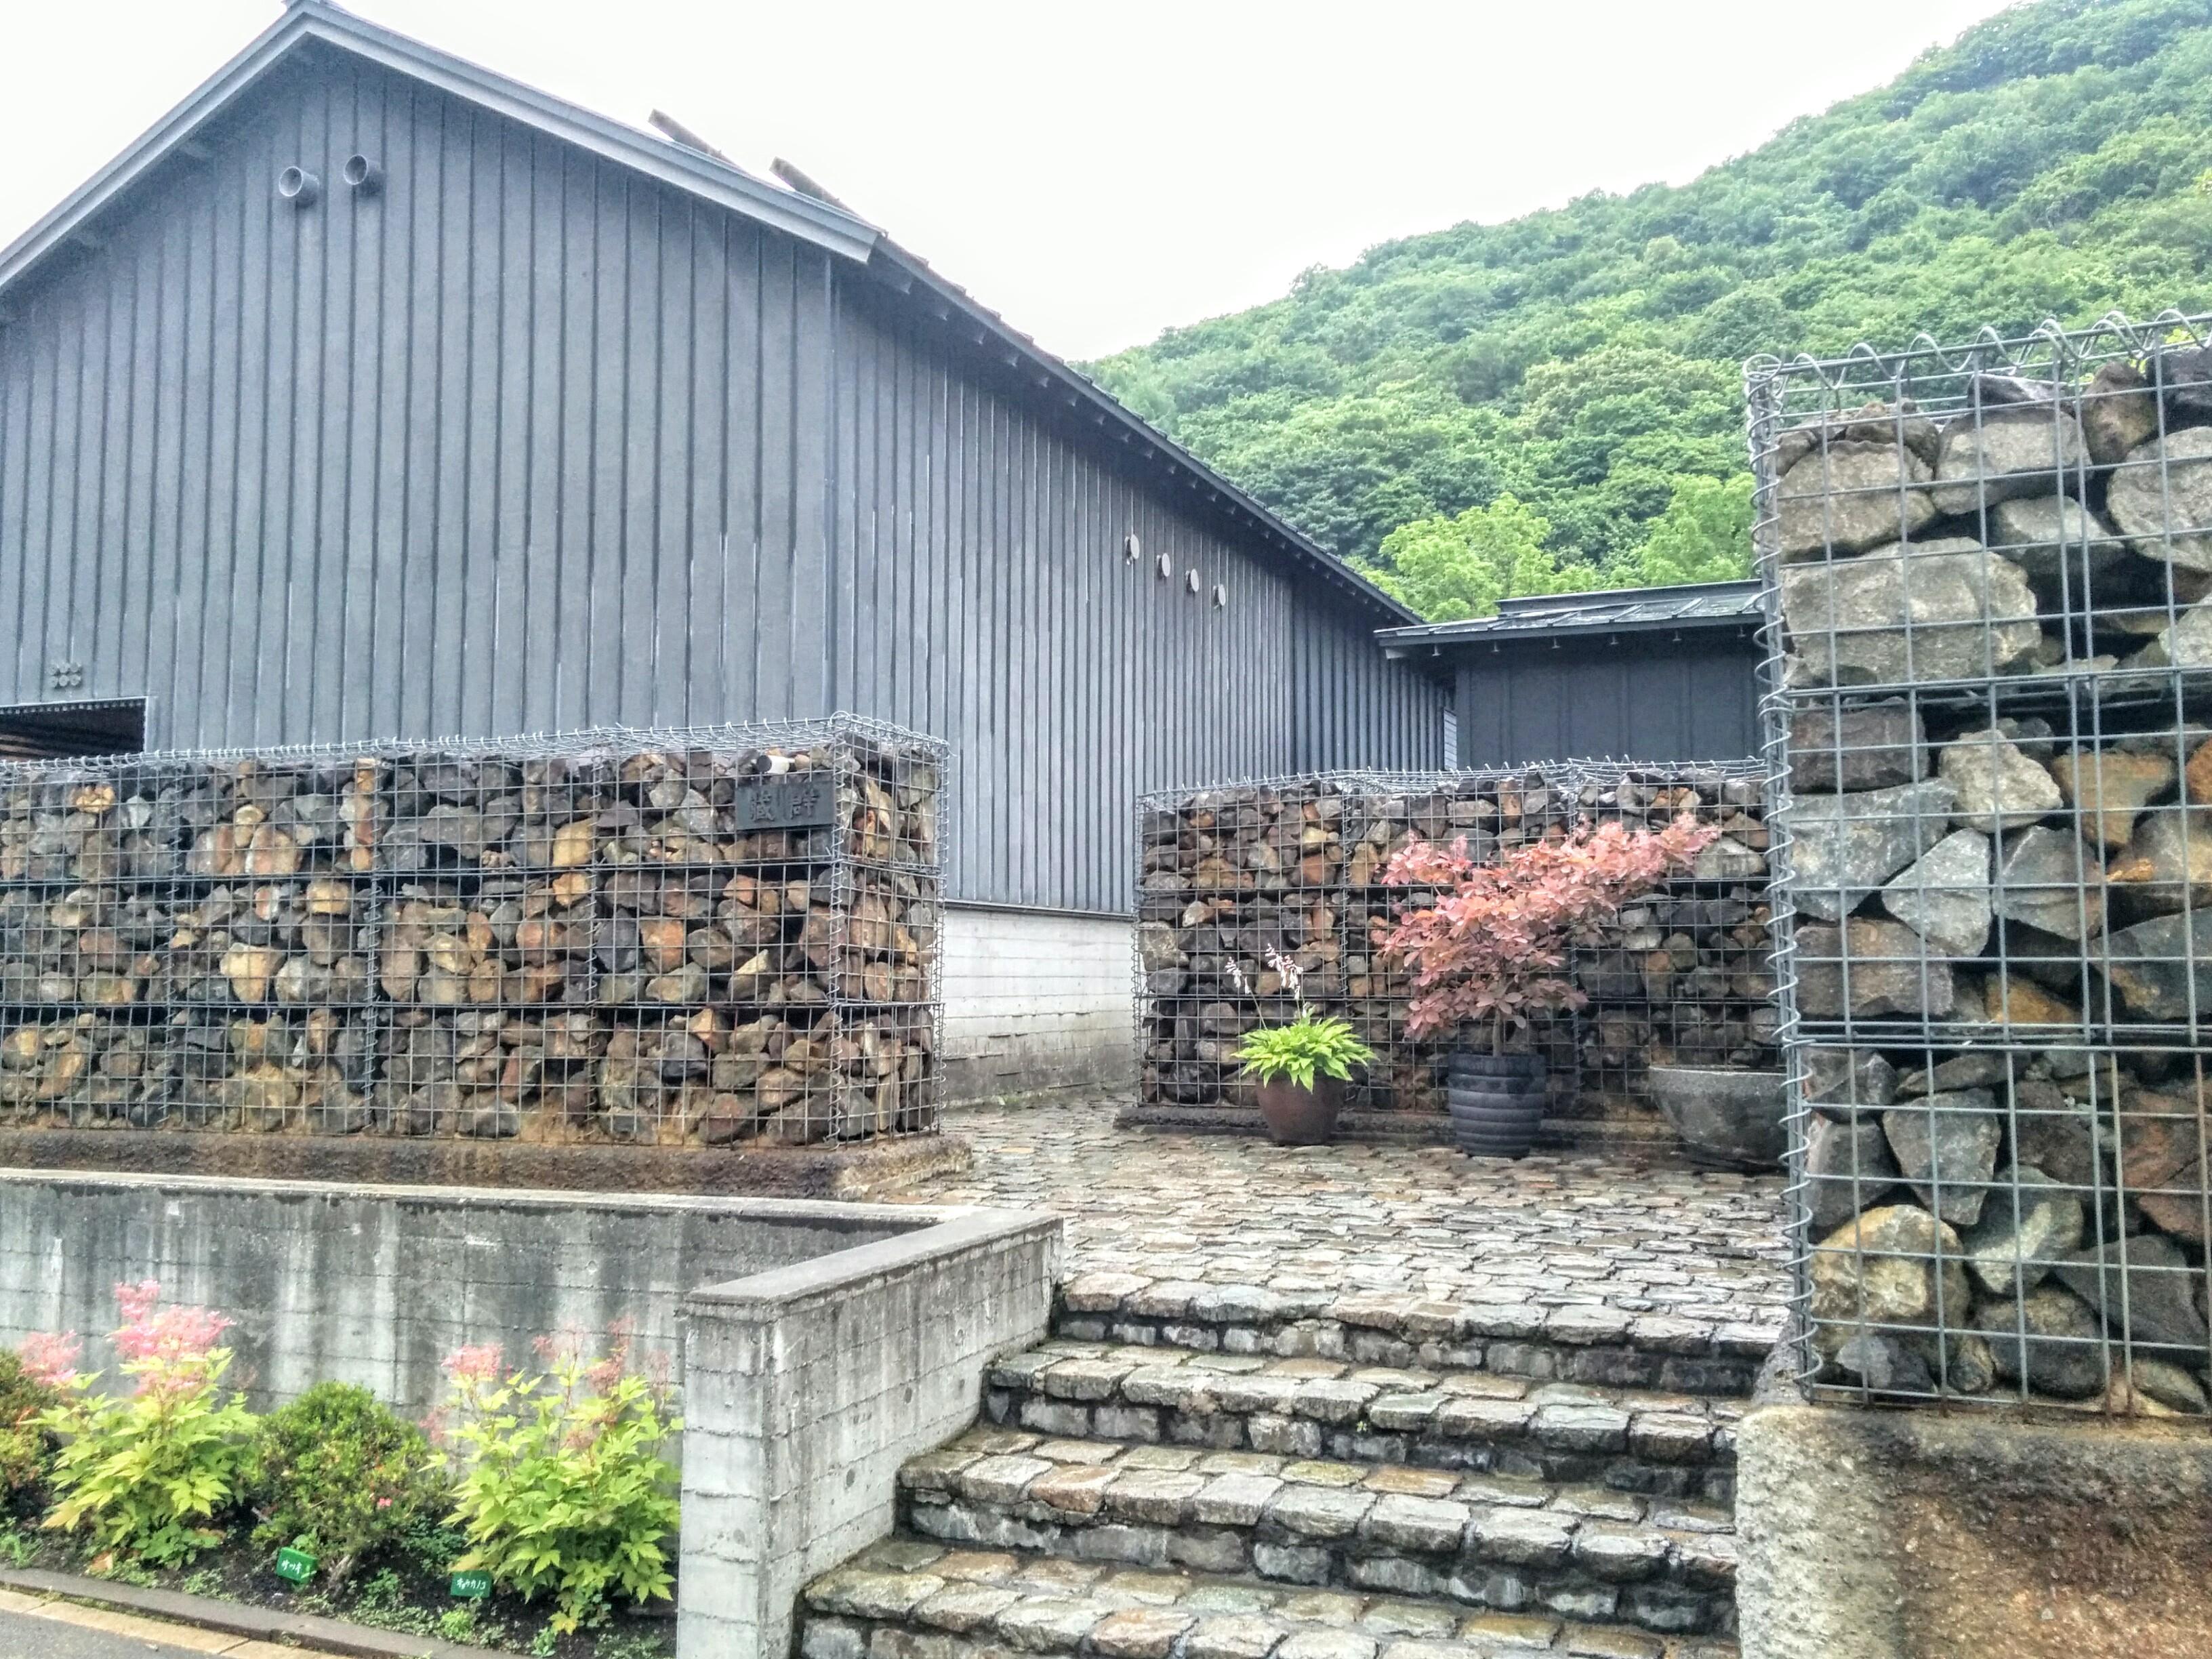 【小樽】旅亭藏群さんにお客様をお迎えに行きました。